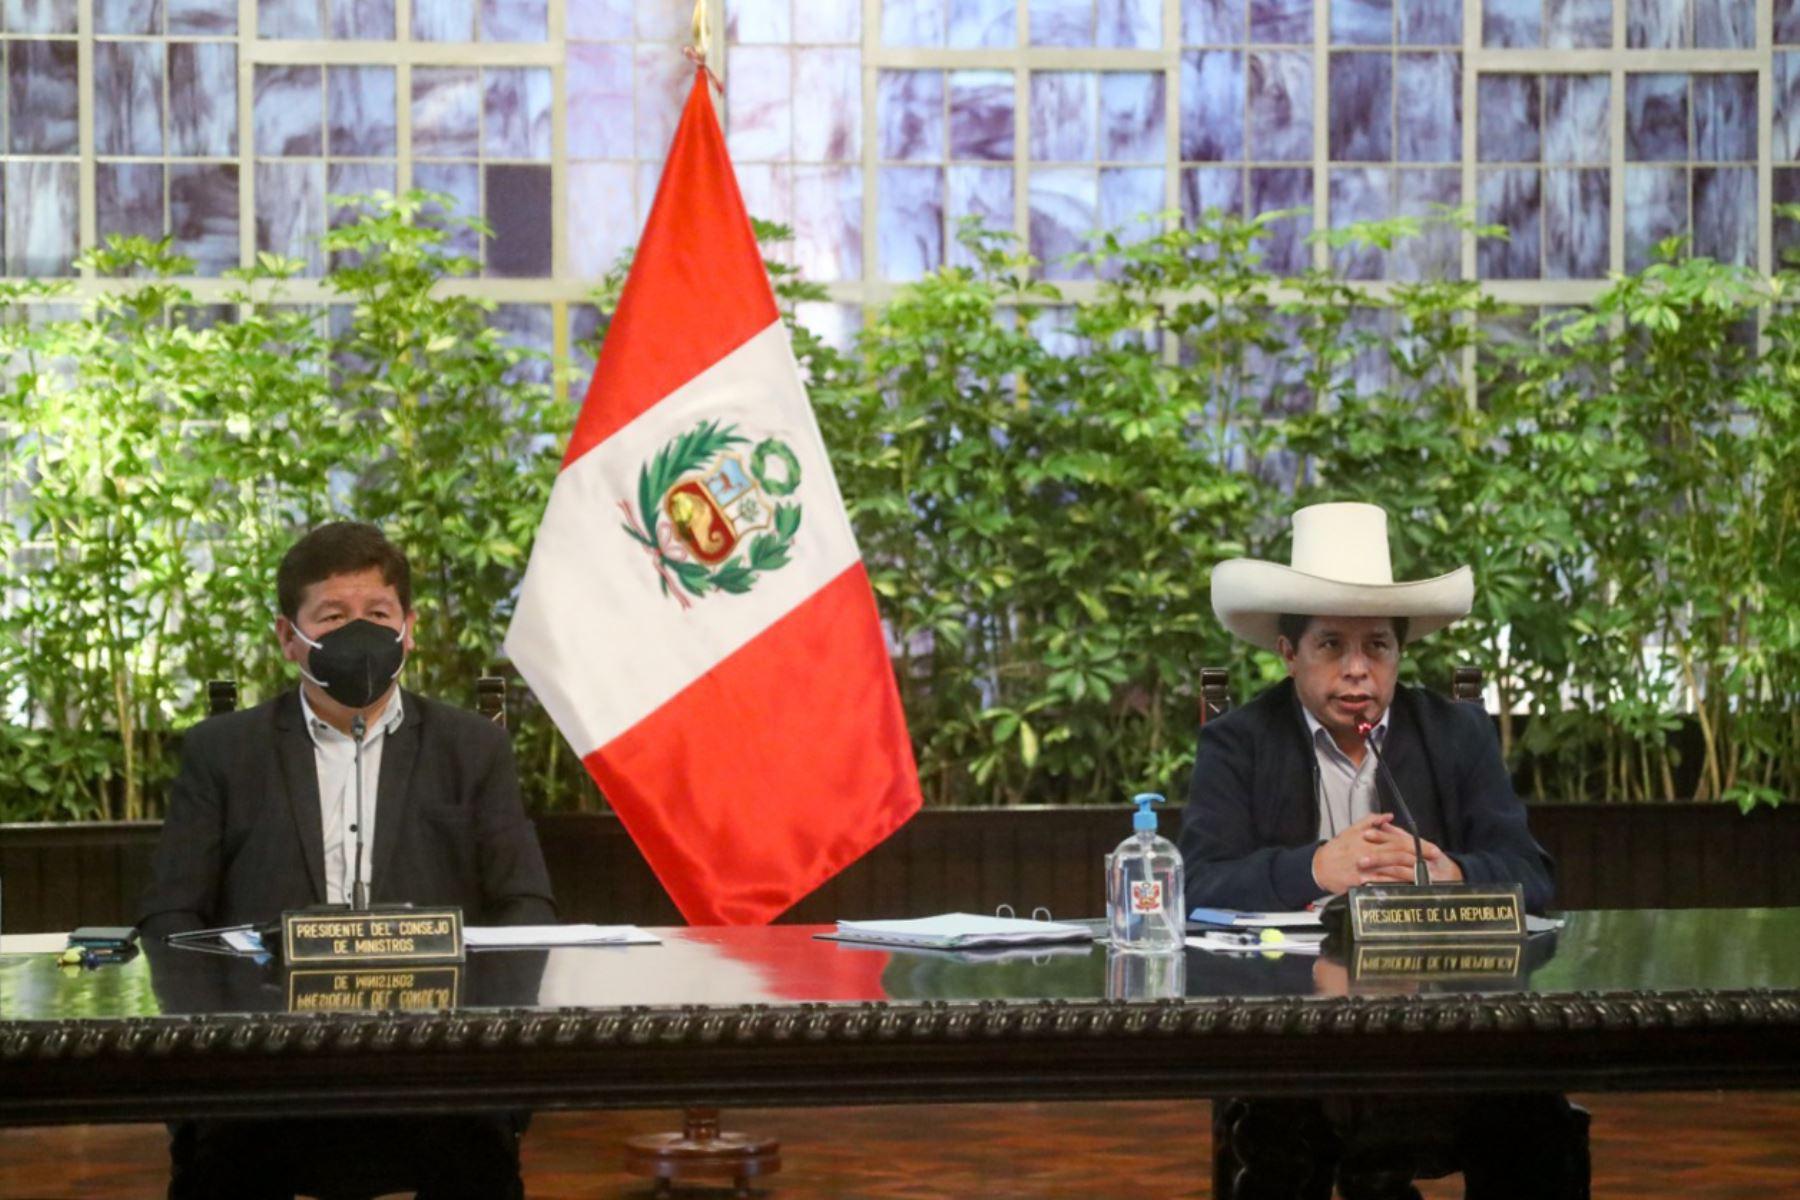 El presidente de la República, Pedro Castillo Terrones, lidera en Palacio de Gobierno la primera sesión del Consejo de Ministros de su gestión. Foto: ANDINA/PCM